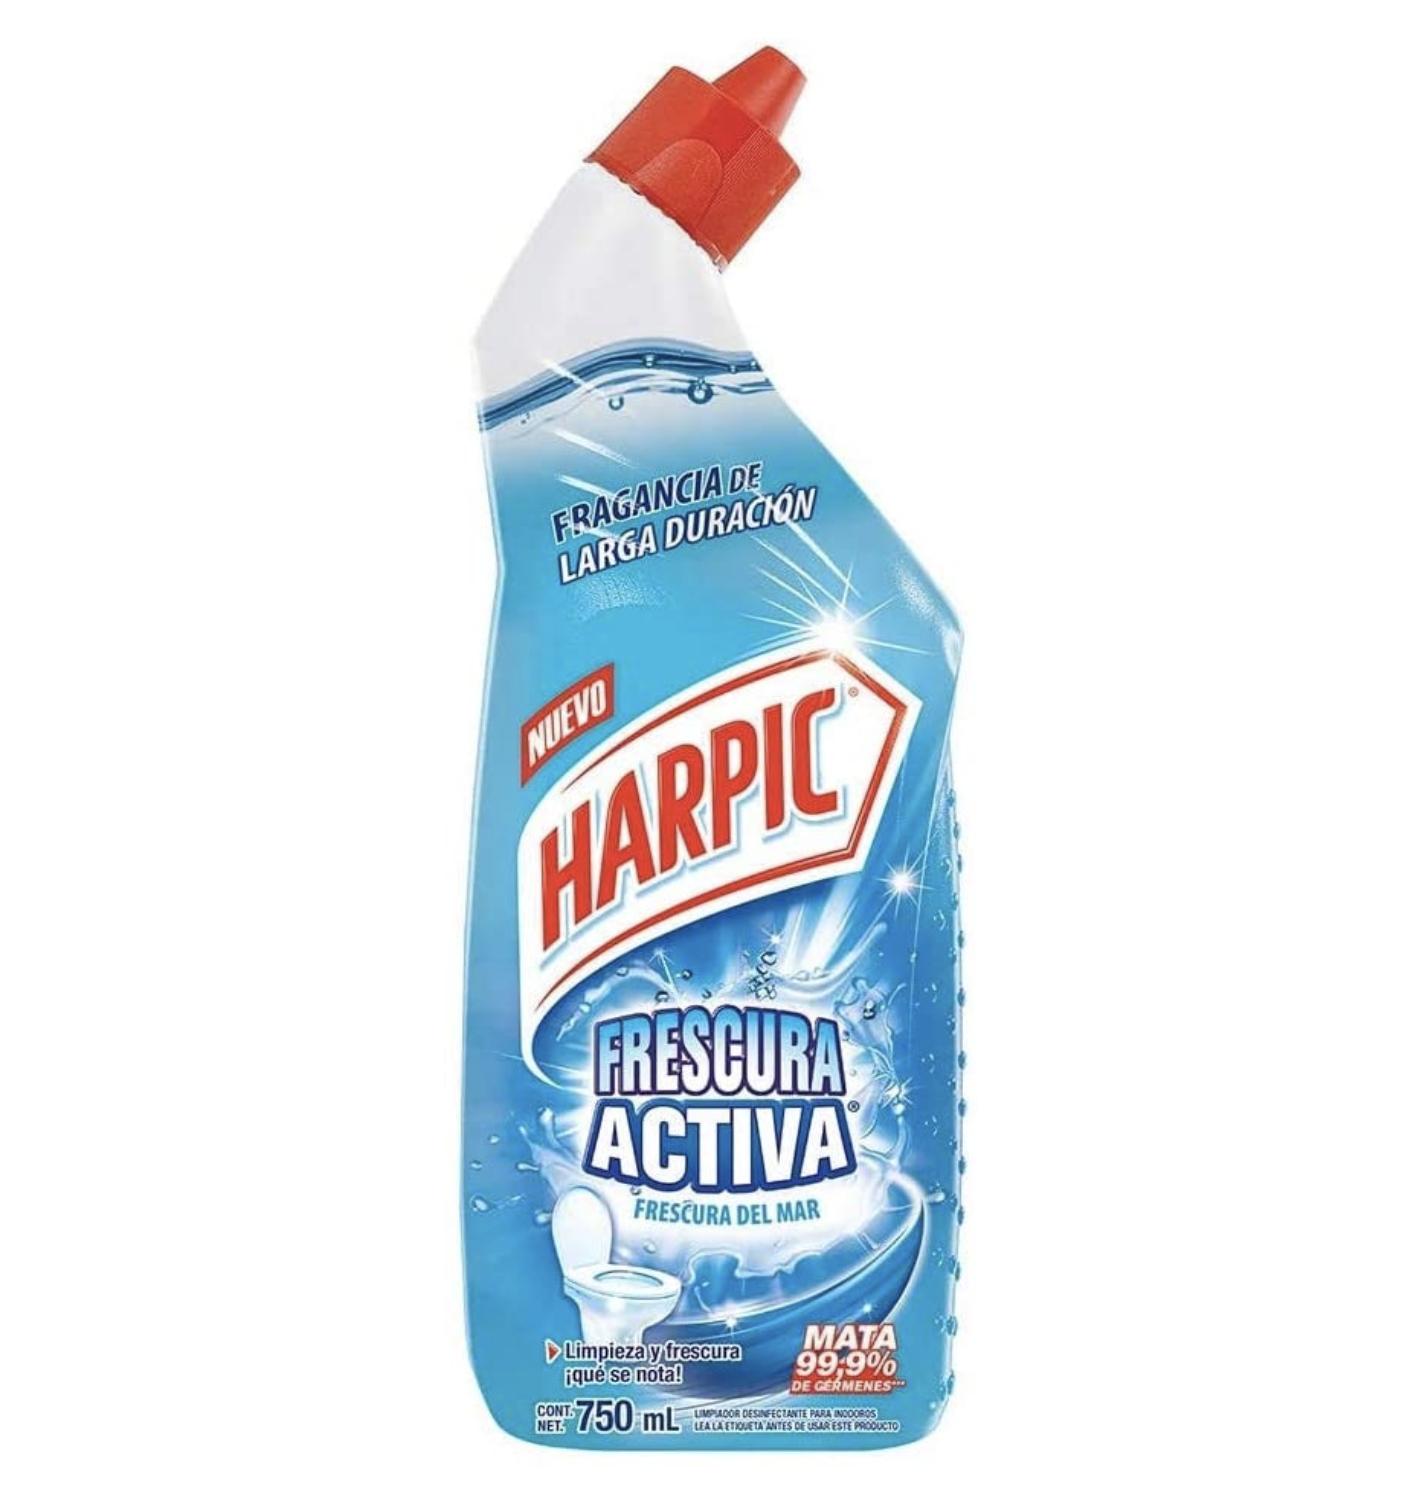 Bote de limpiador harpic frescura activa para la taza del baño